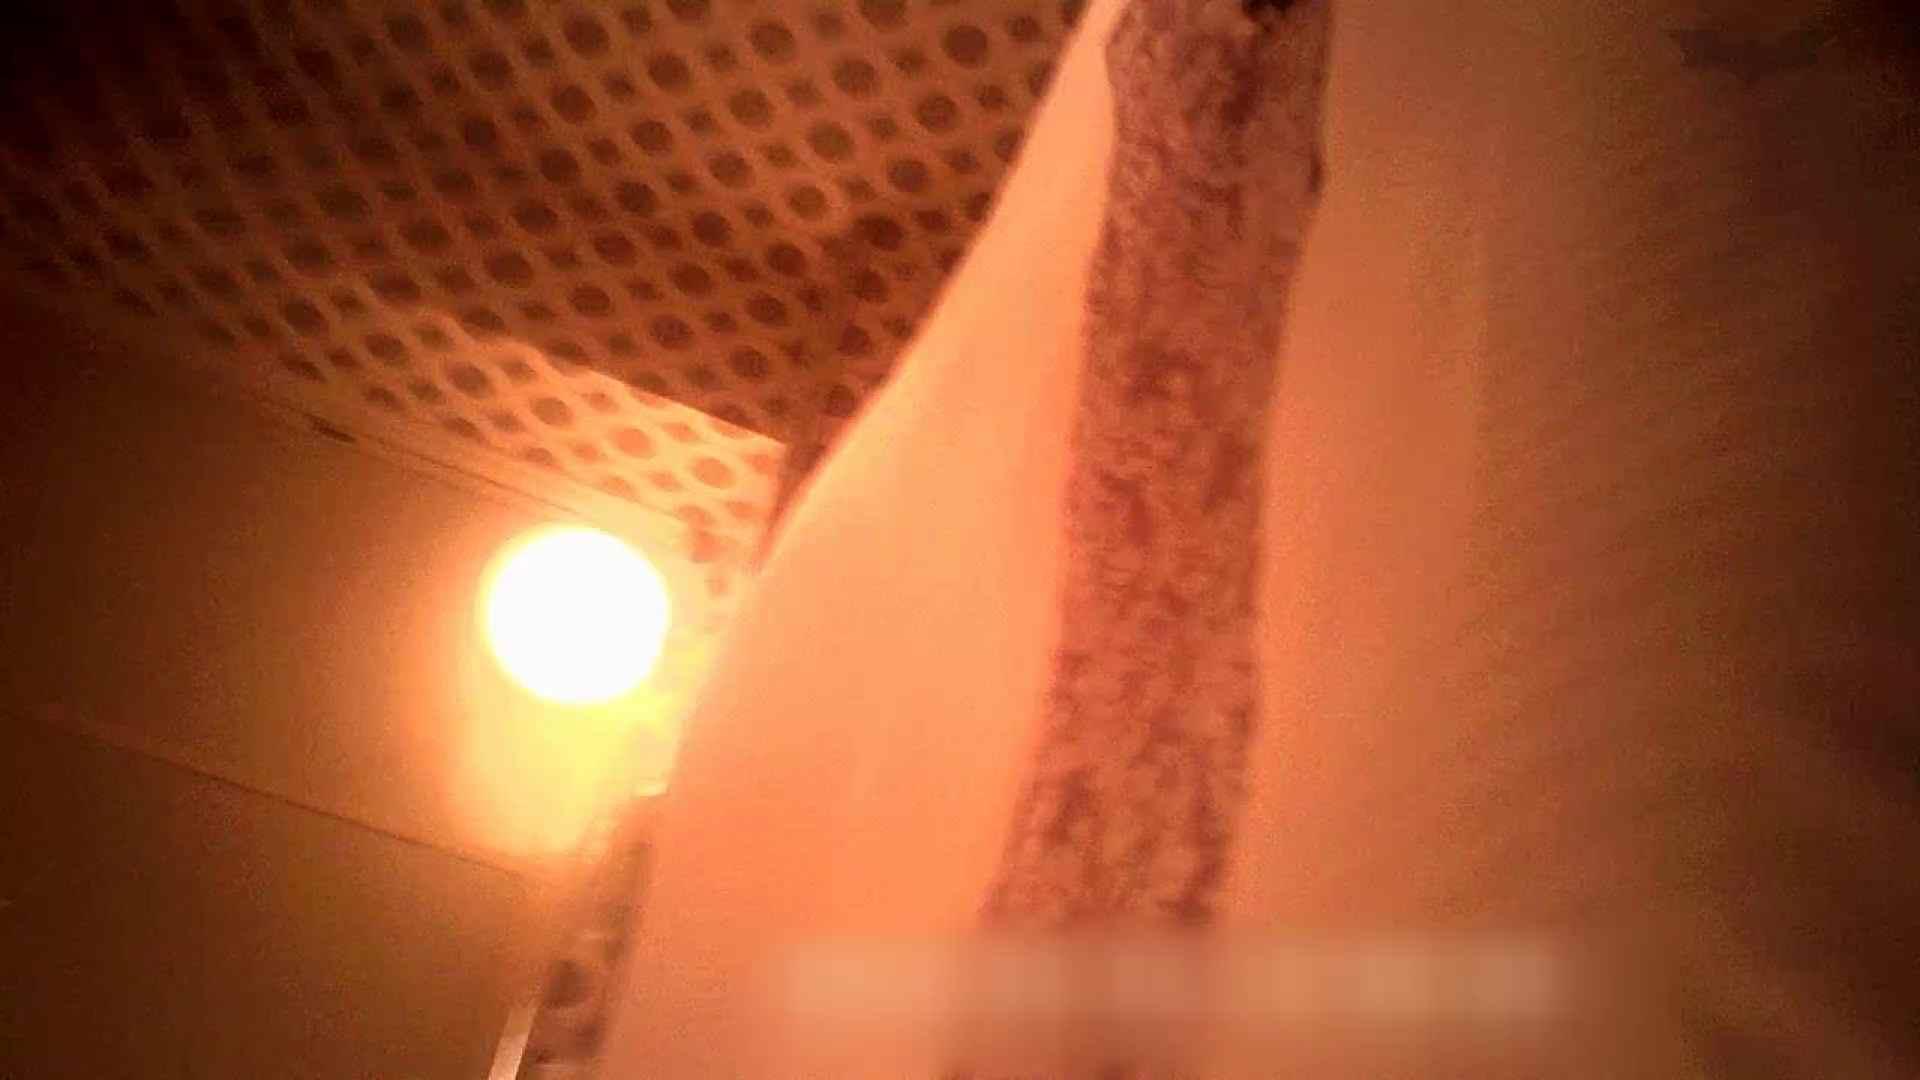 ▲2017_13位▲ 学園アイドル美人女子大生❷(下巻)5人詰合せVol.50 桃色乳首 えろ無修正画像 70画像 56